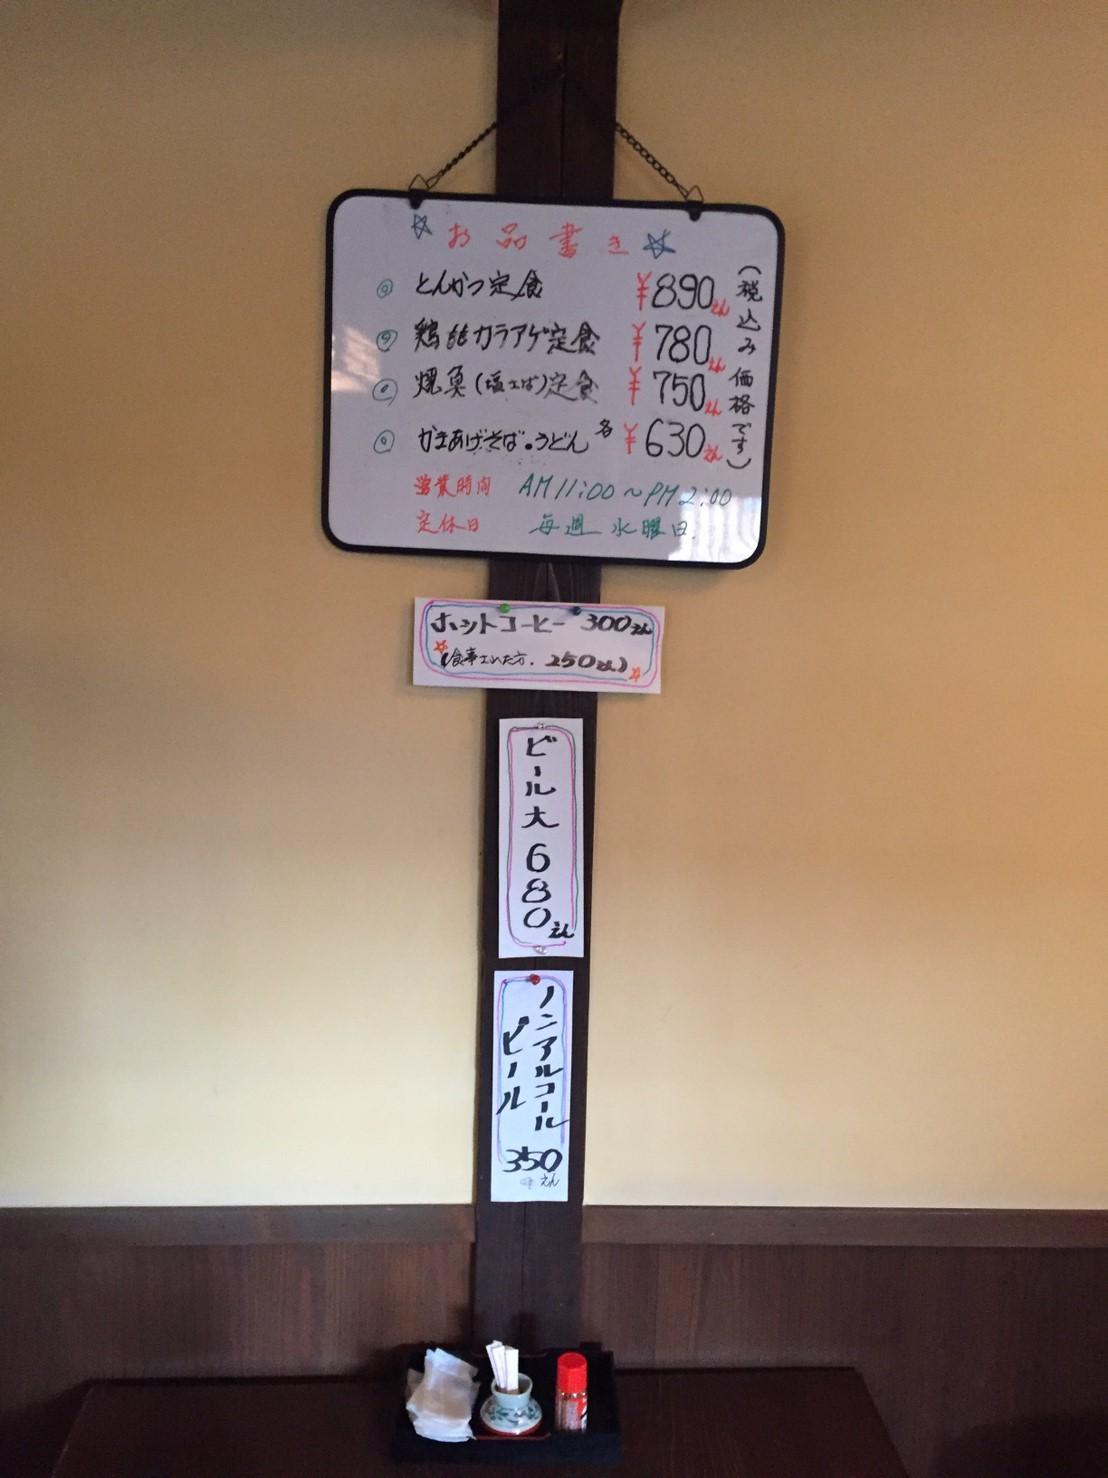 食事処 塩屋出店 たけよし & 喫茶樹里 閉店_e0115904_21233733.jpg